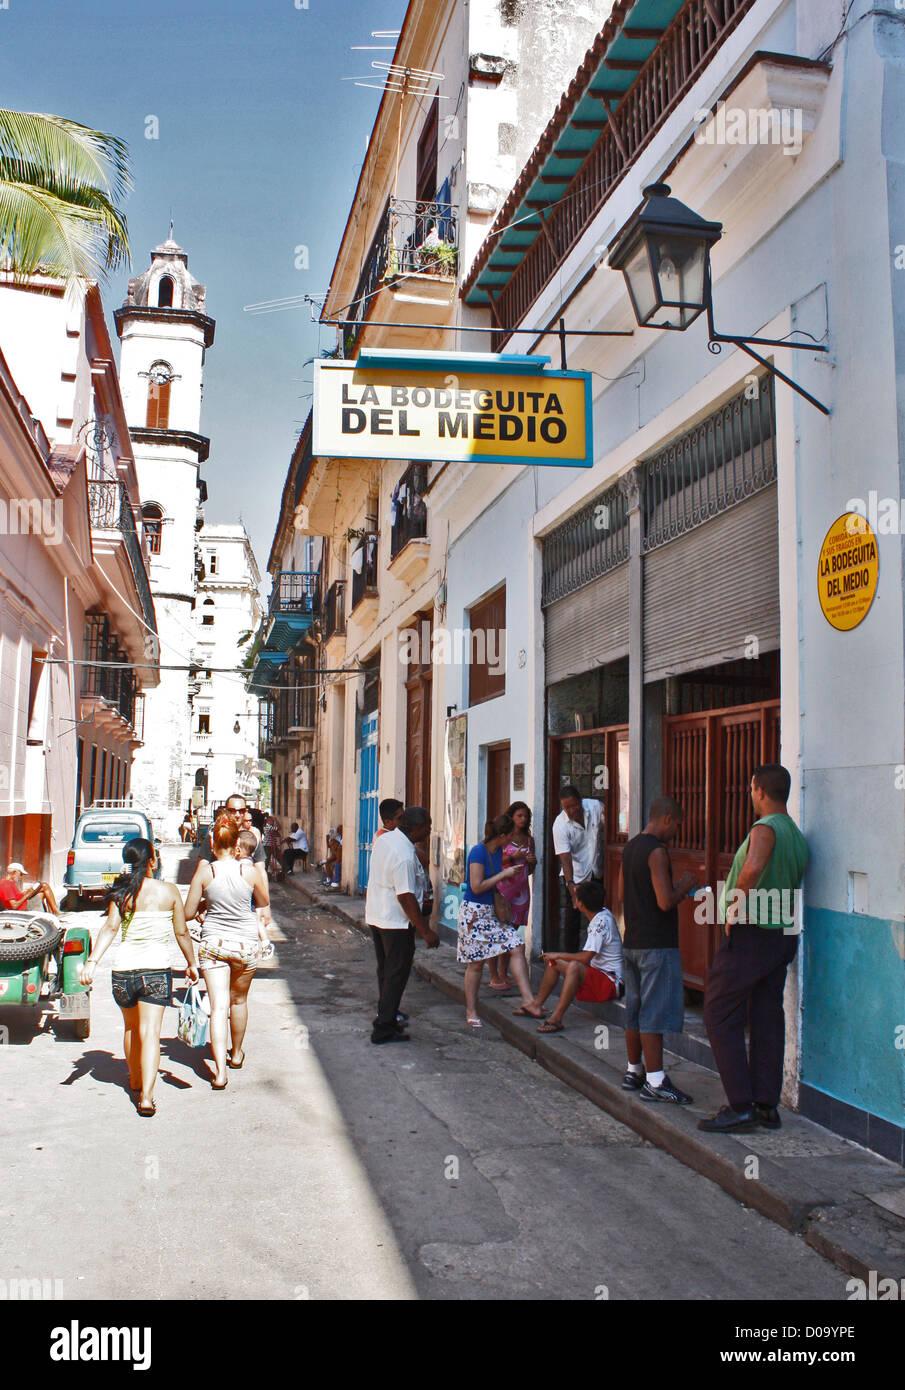 LA BODEGUITA DEL MEDIO, Cafe, Restaurant und Bar im Zentrum von Havanna, Kuba Stockbild